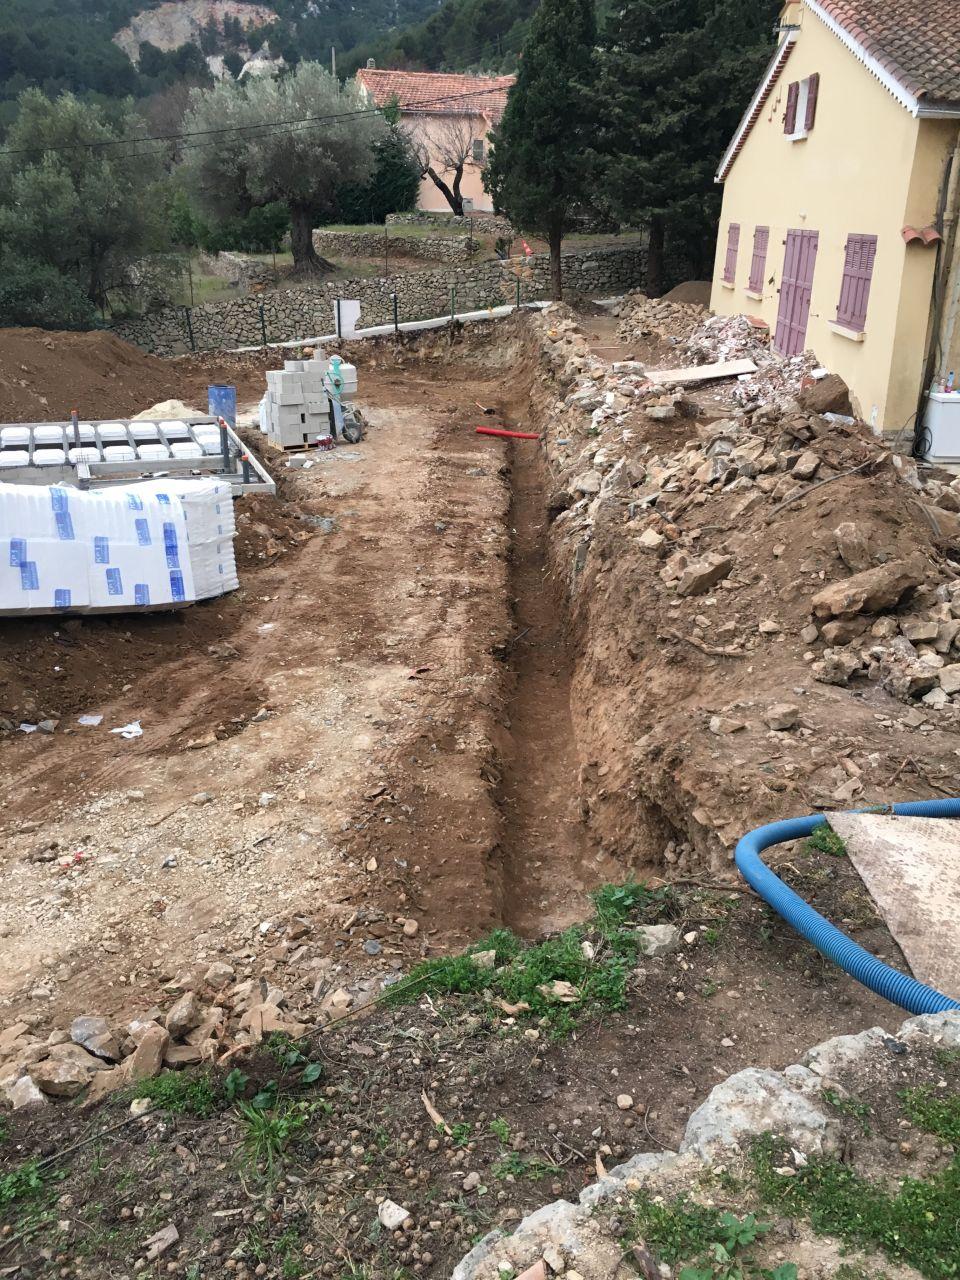 la tranchée de 25 mètres à mes frais pour que le voisin fasse son mur de soutènement !